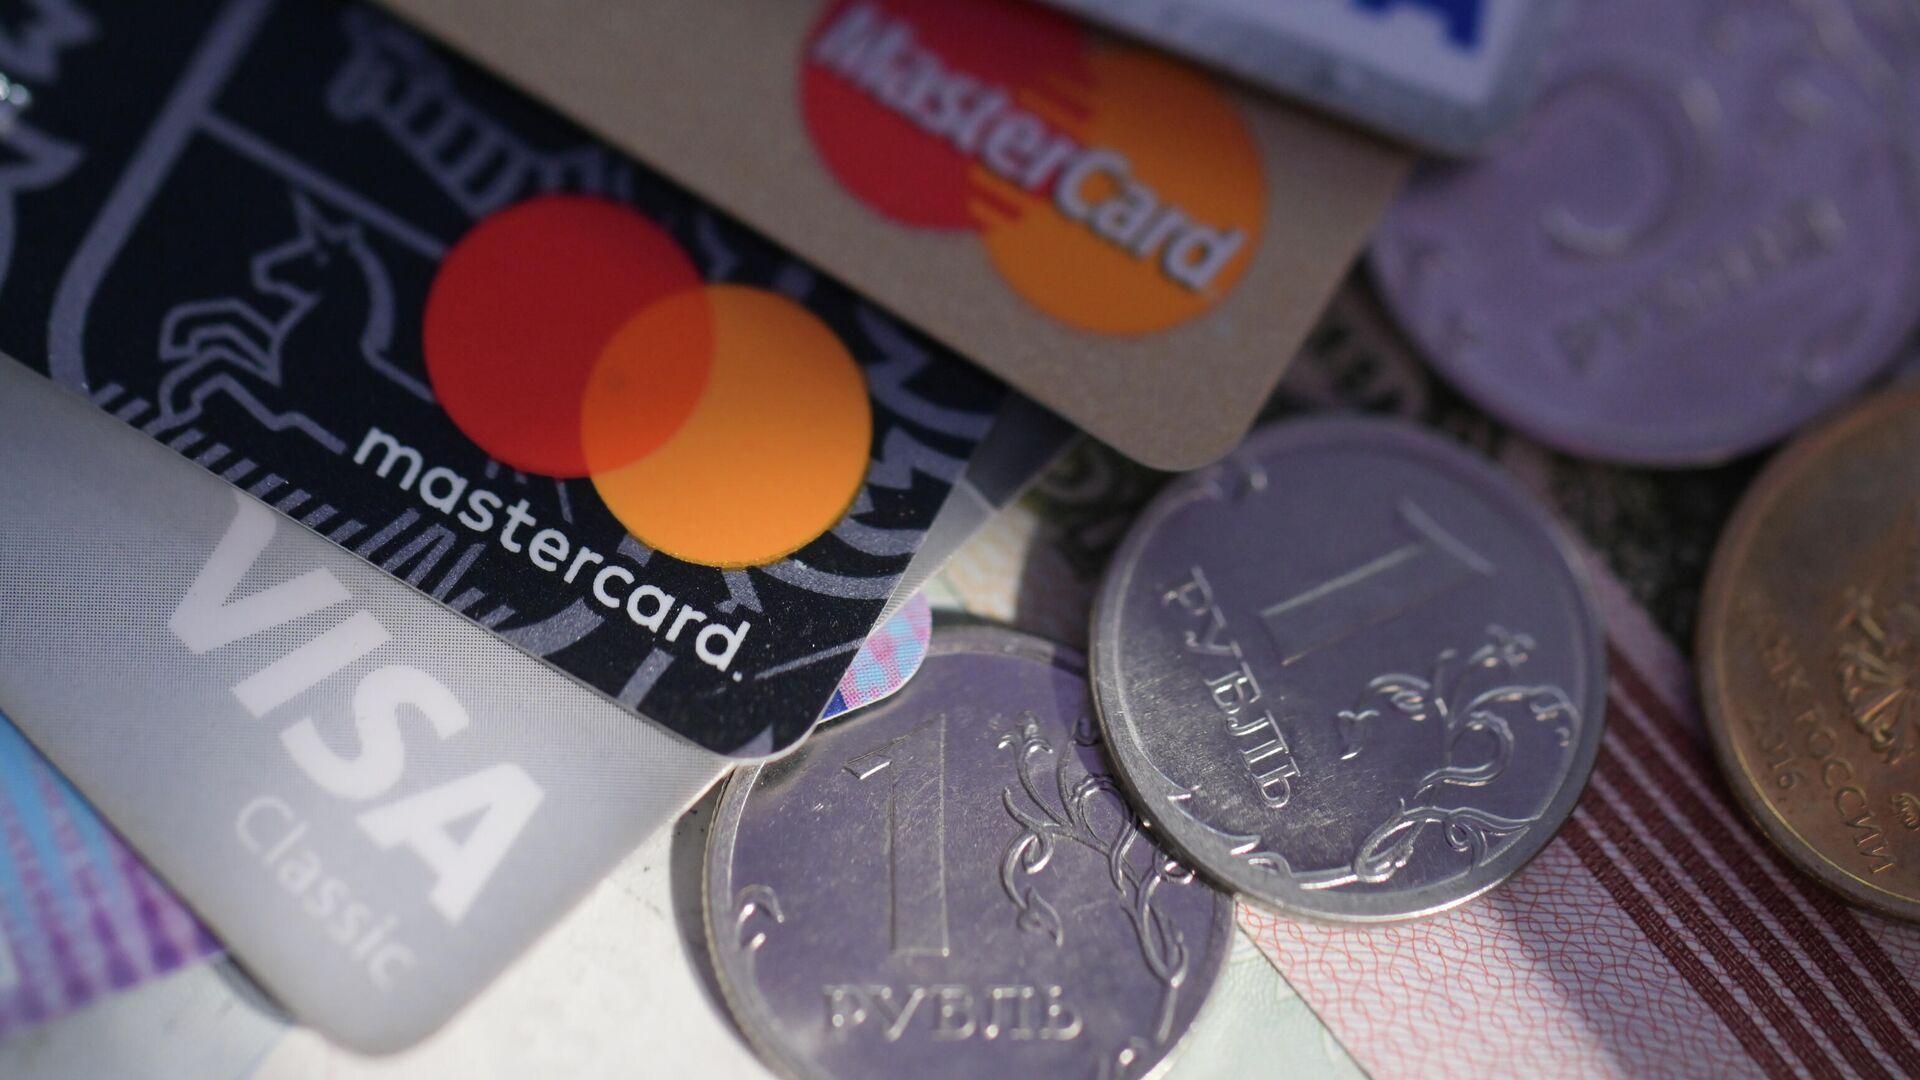 Монеты номиналом один рубль, банковские карты международных платежных систем VISA и MasterCard - РИА Новости, 1920, 12.10.2021